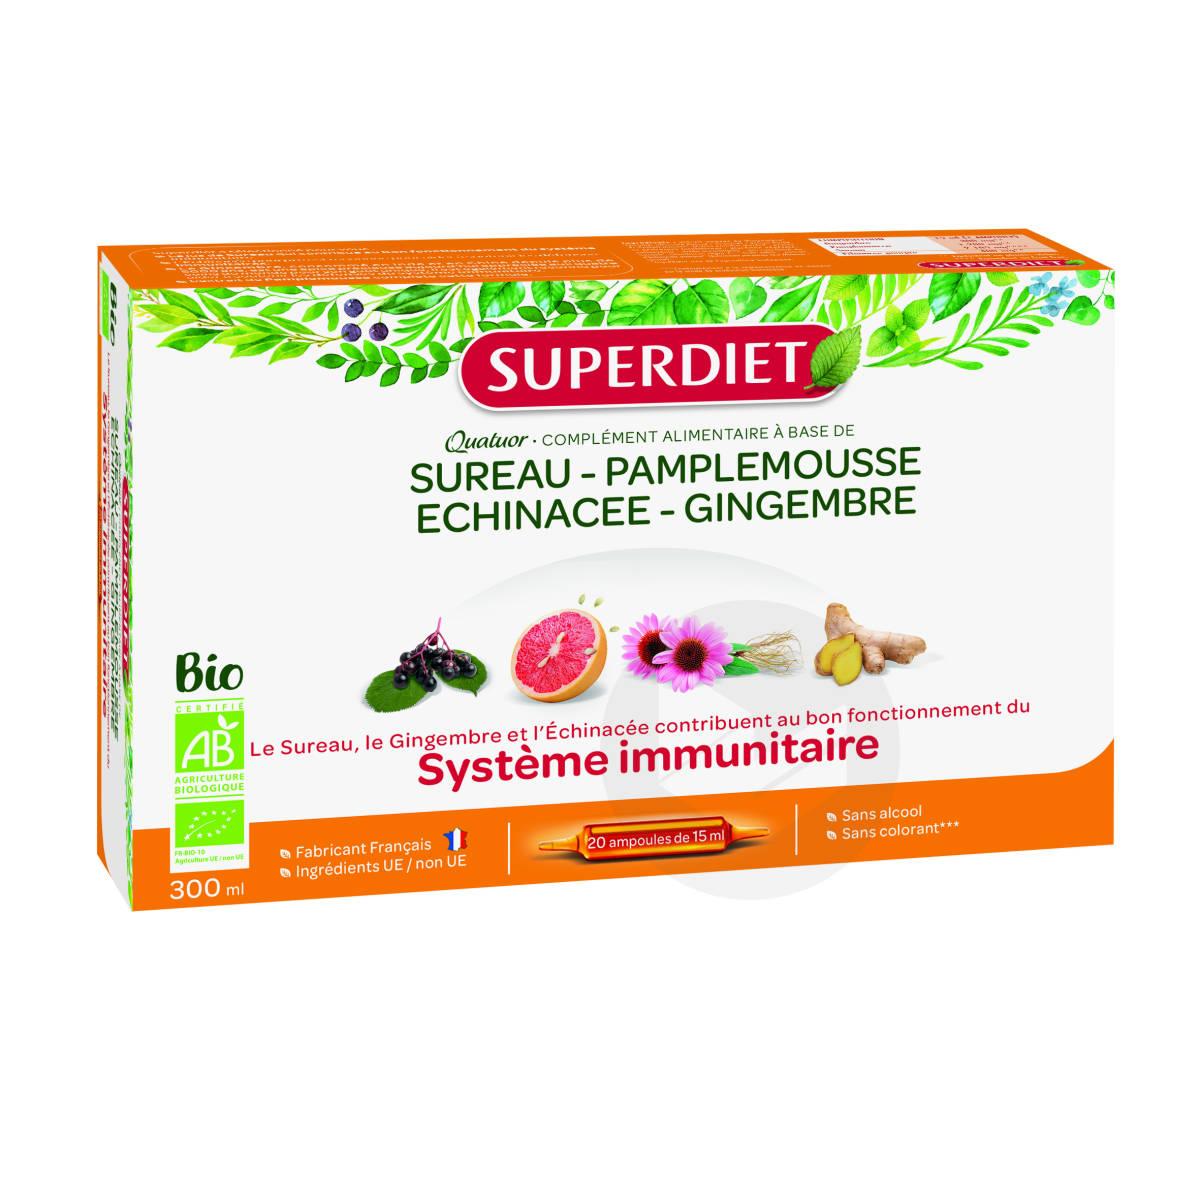 Quatuor Sureau Immunite Bio 20 Ampoules De 15 Ml